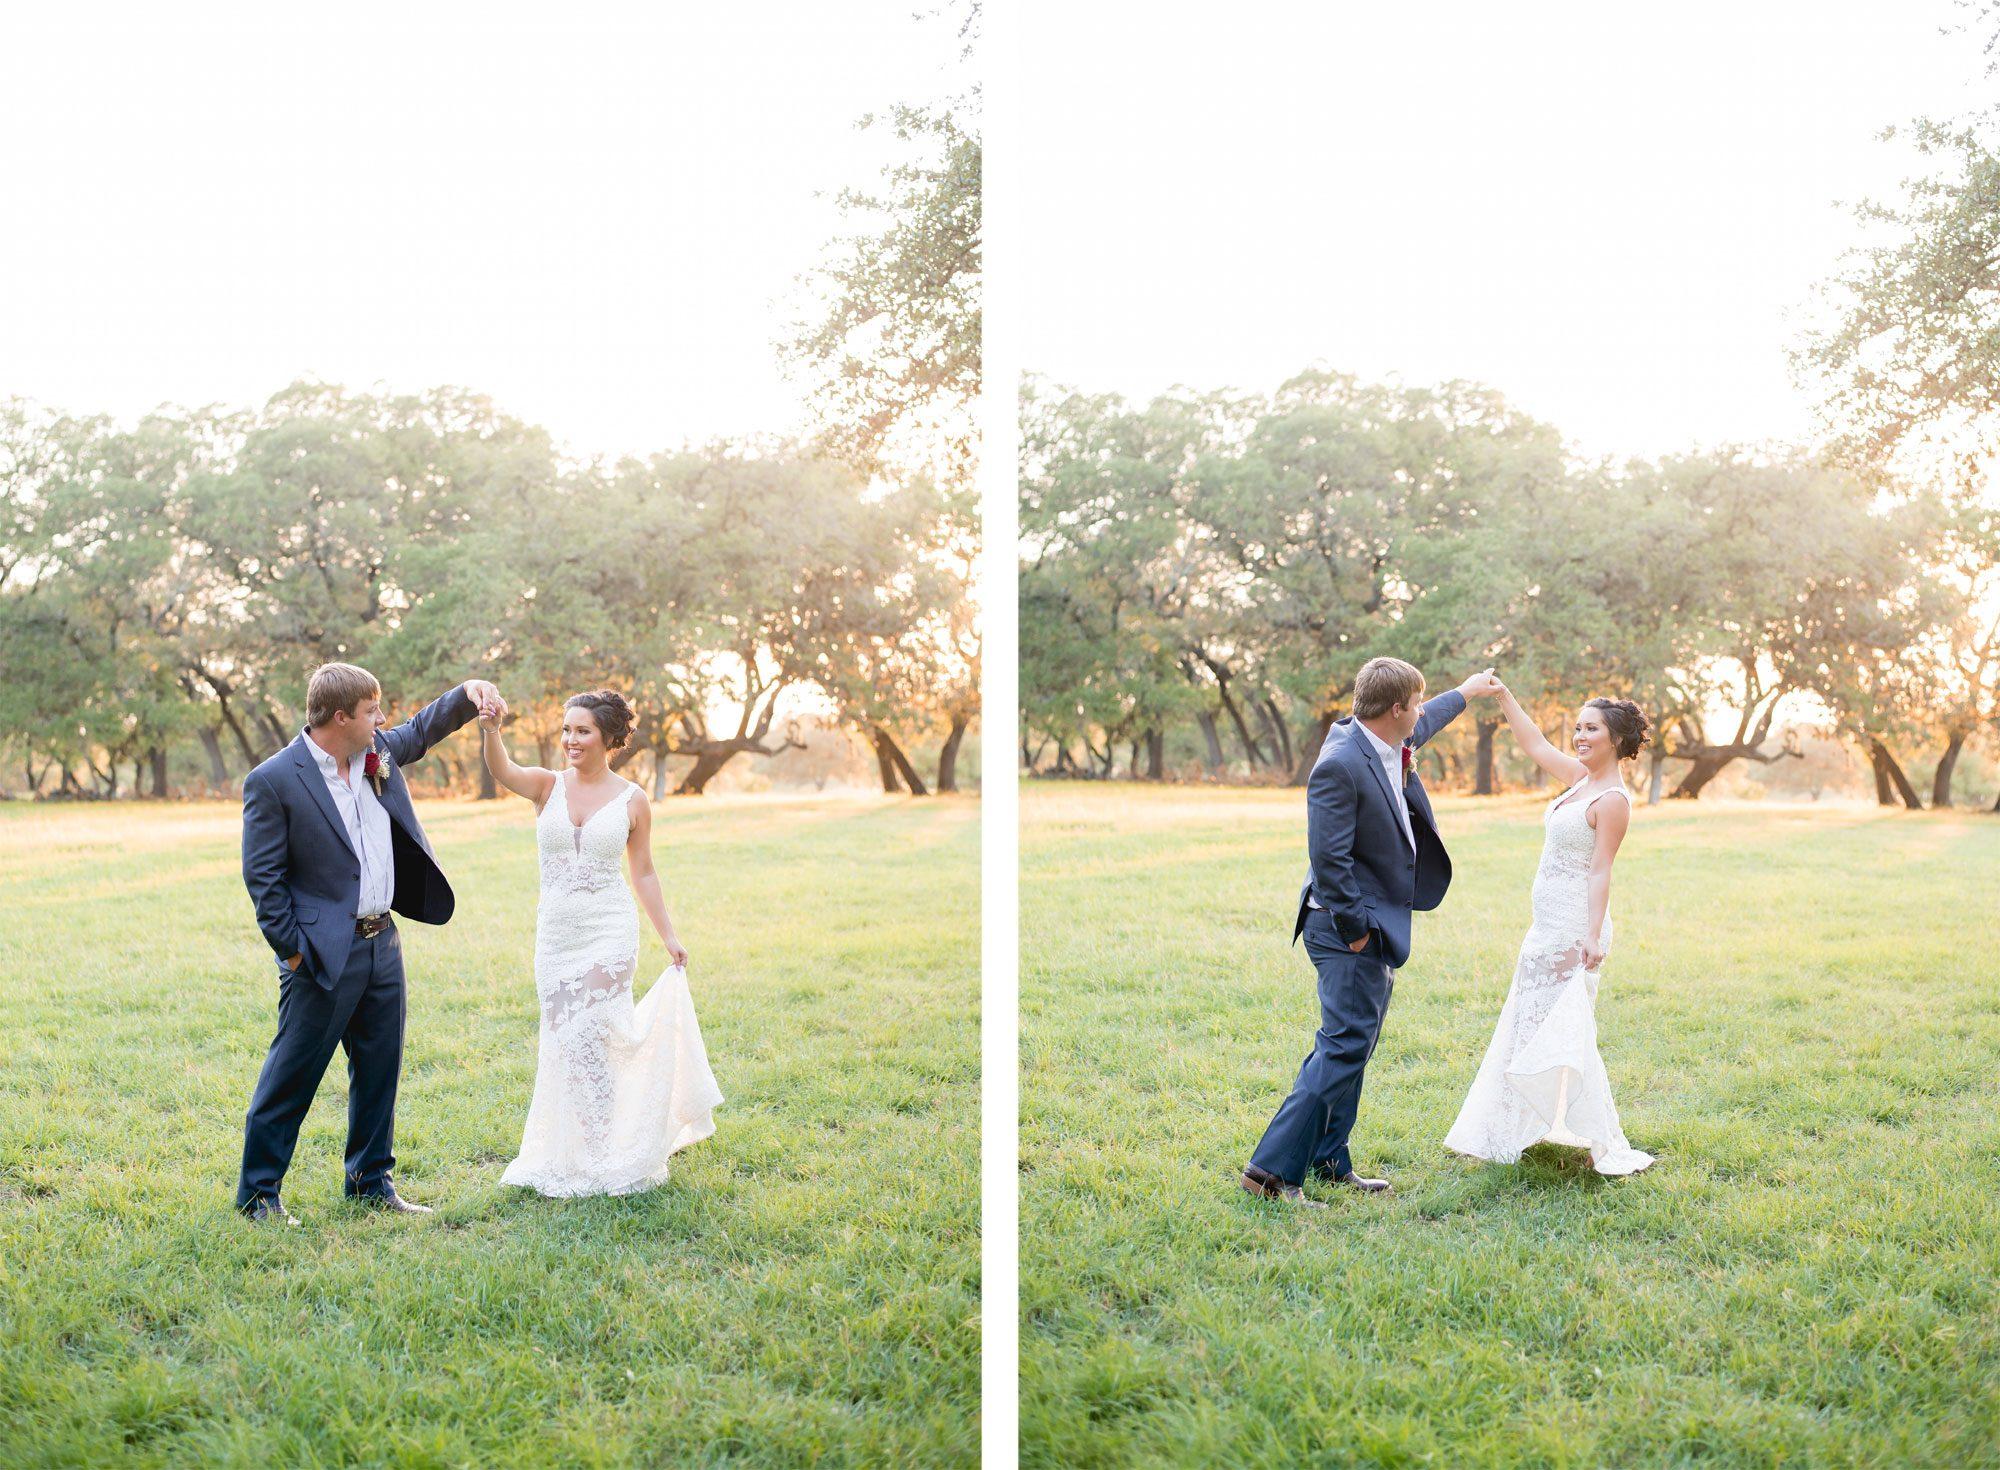 Texas bride & groom